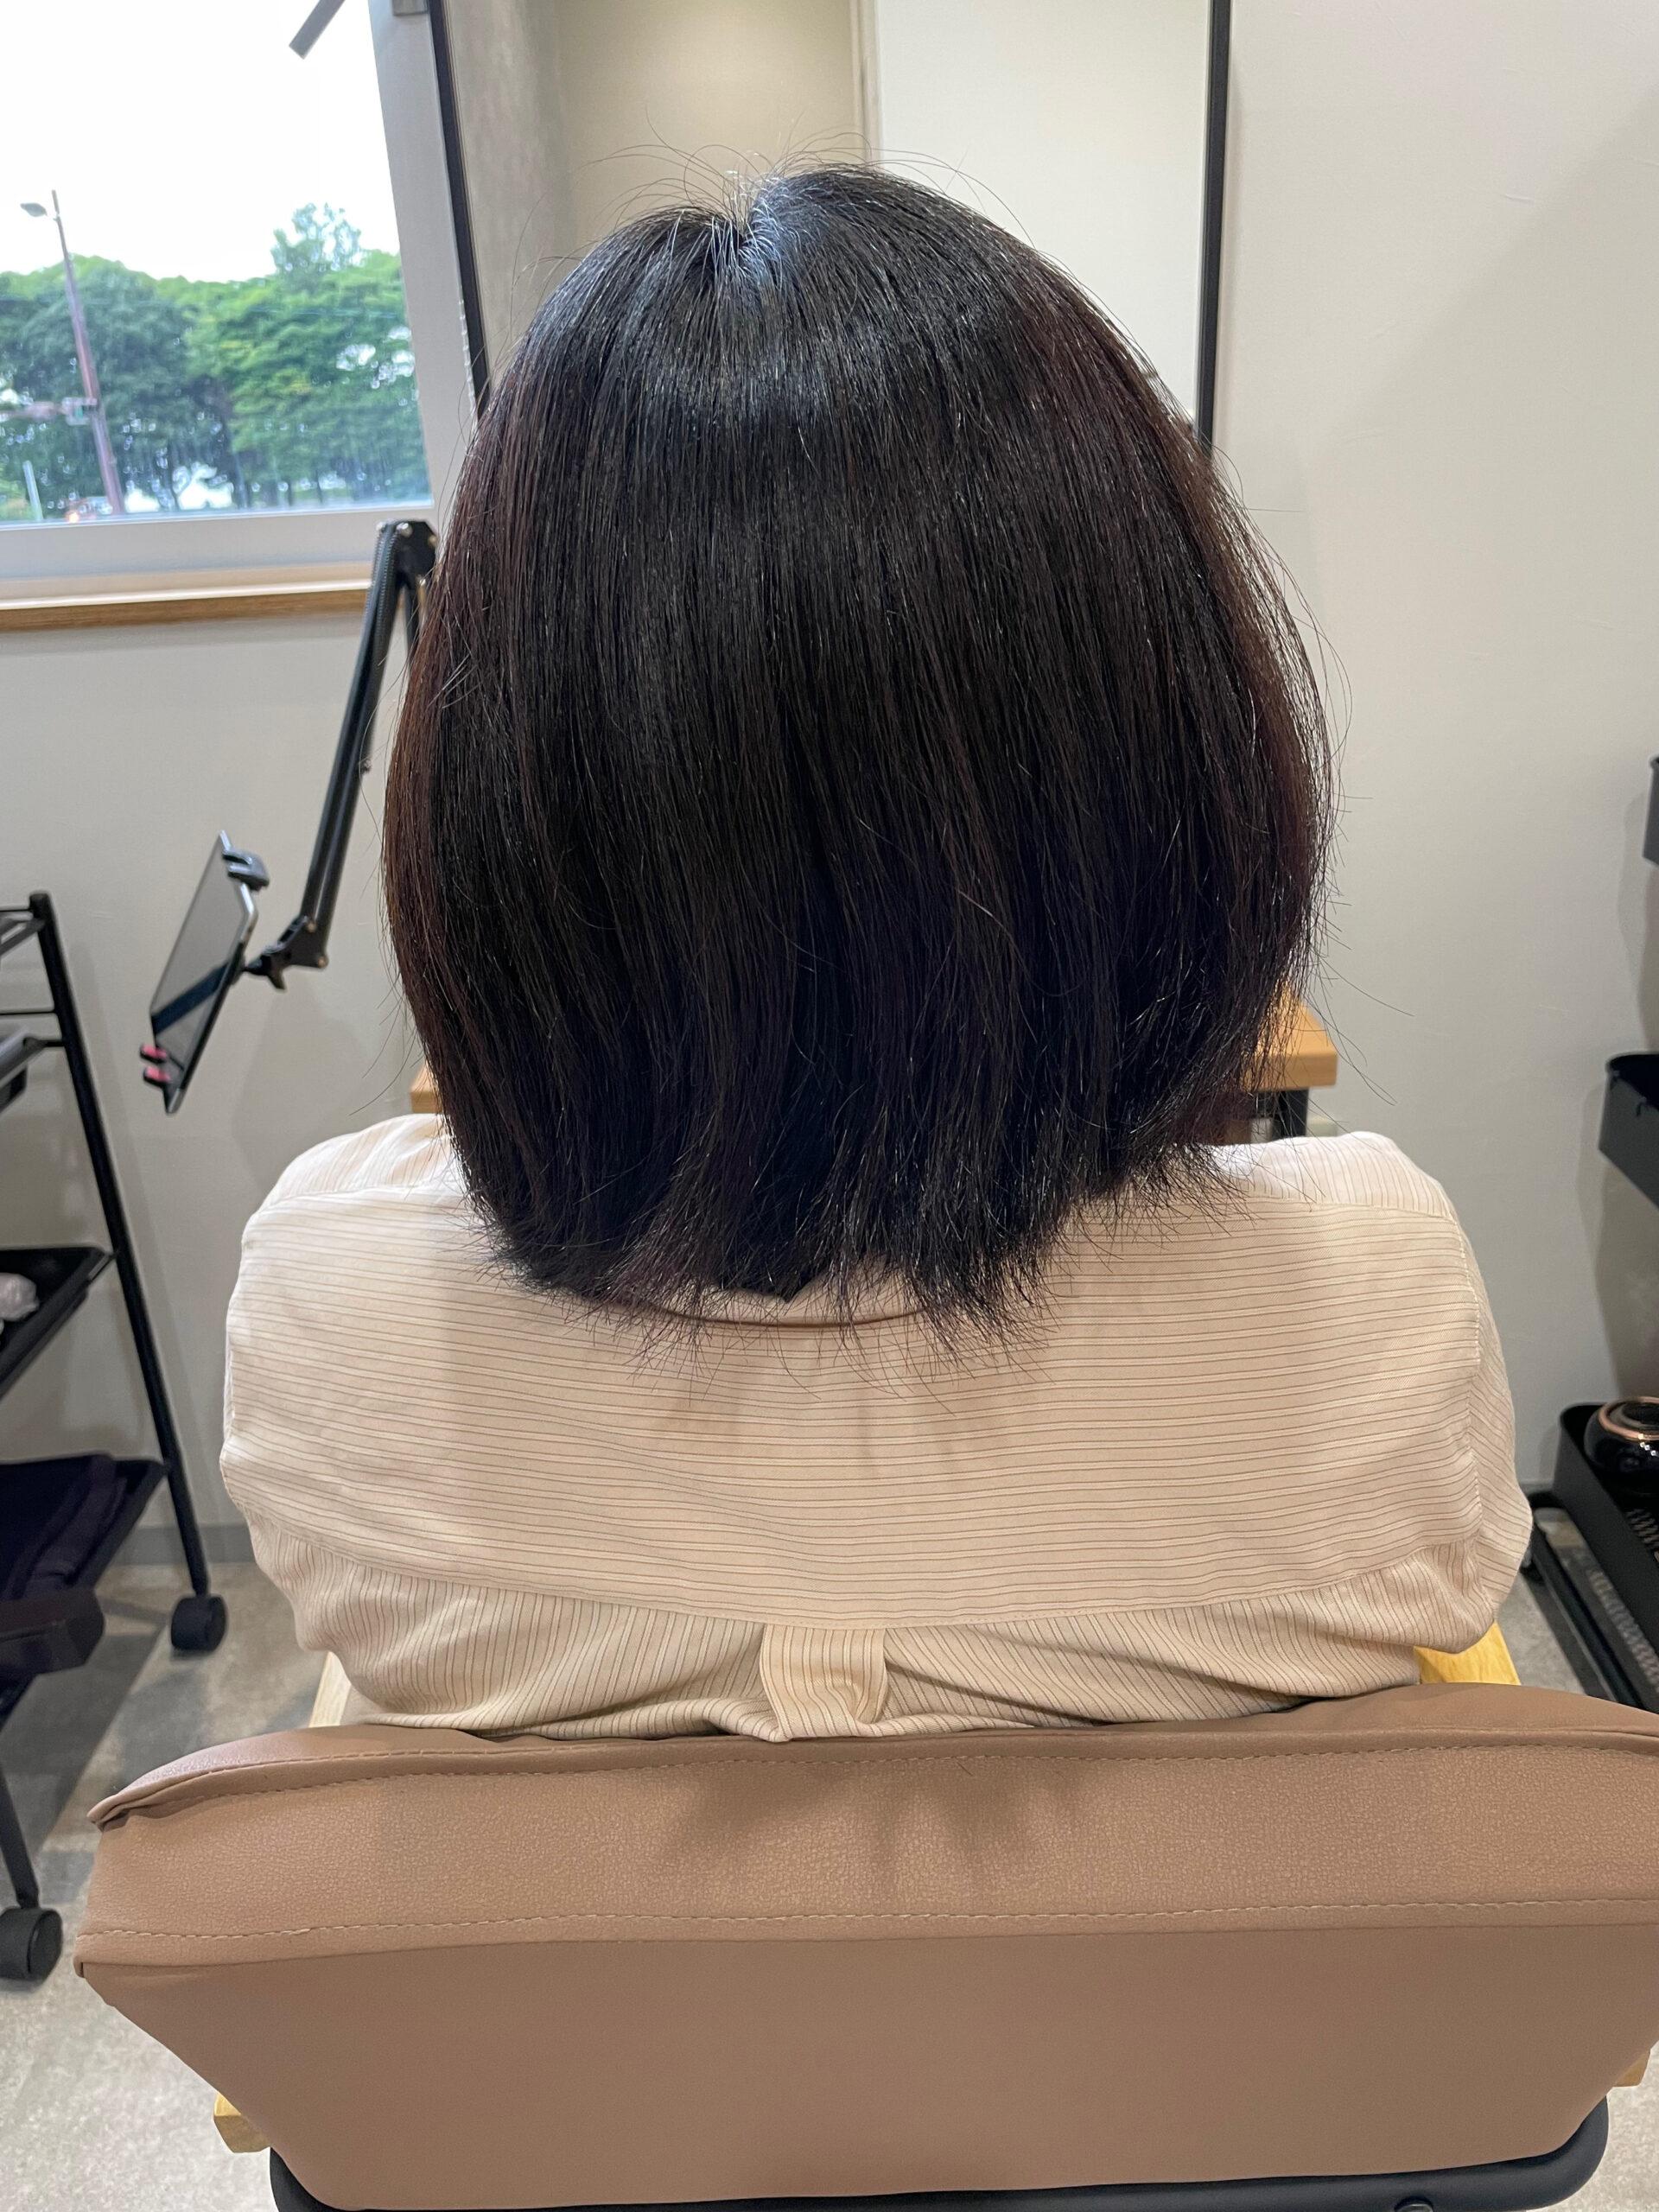 大分県別府市 髪の毛が多い、癖が強い、ボリュームが出るといった悩みがあっても弱酸性ストレートならショートヘアも可能です! ビフォー